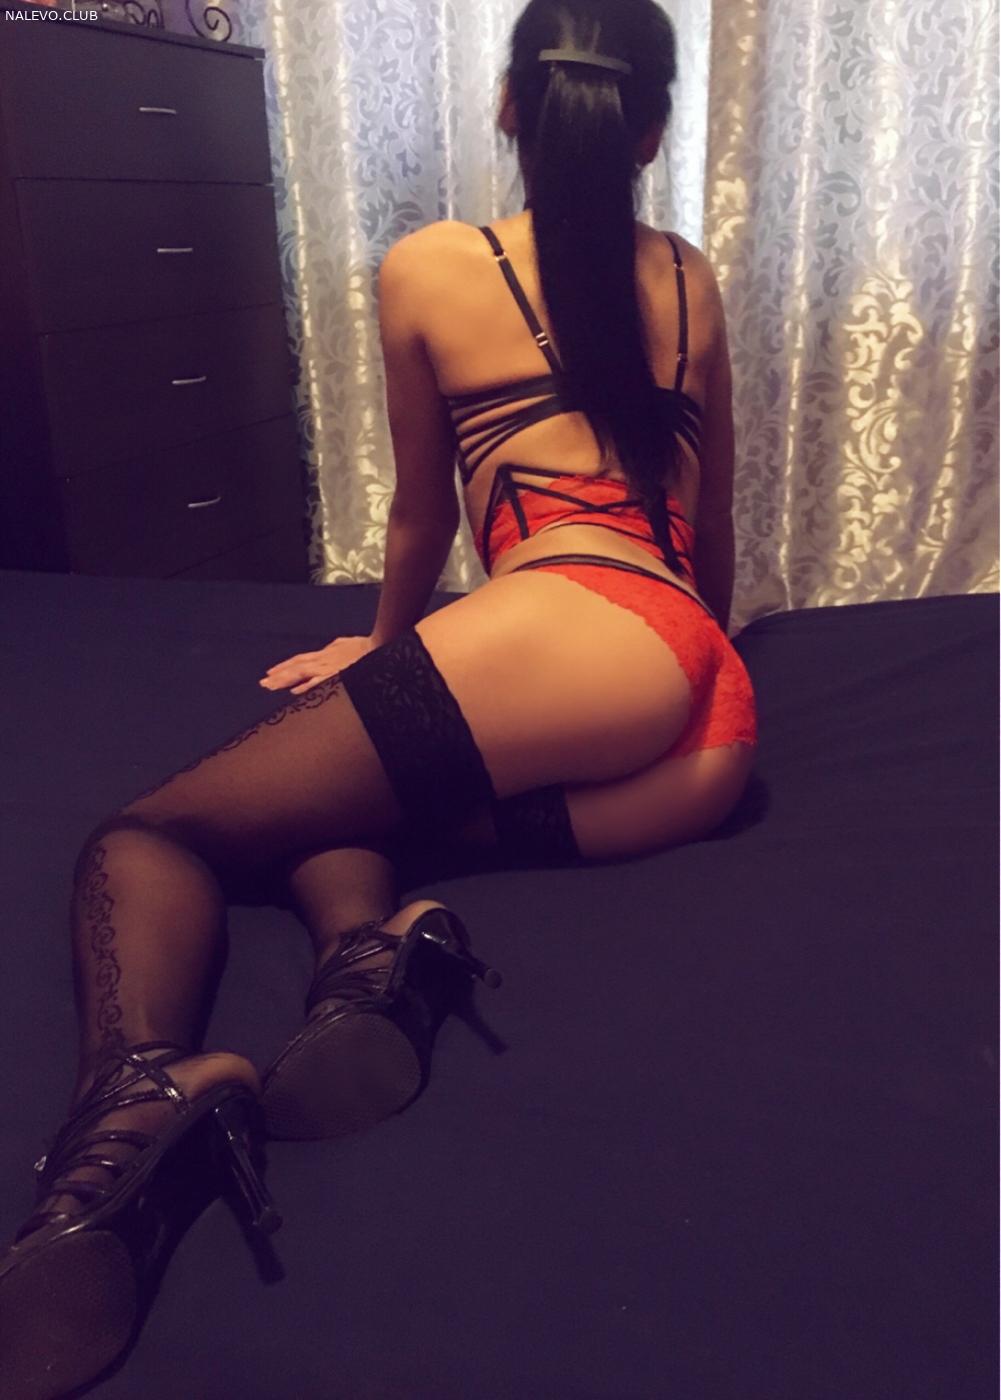 Проститутка нальчик сауна тюмень проститутки